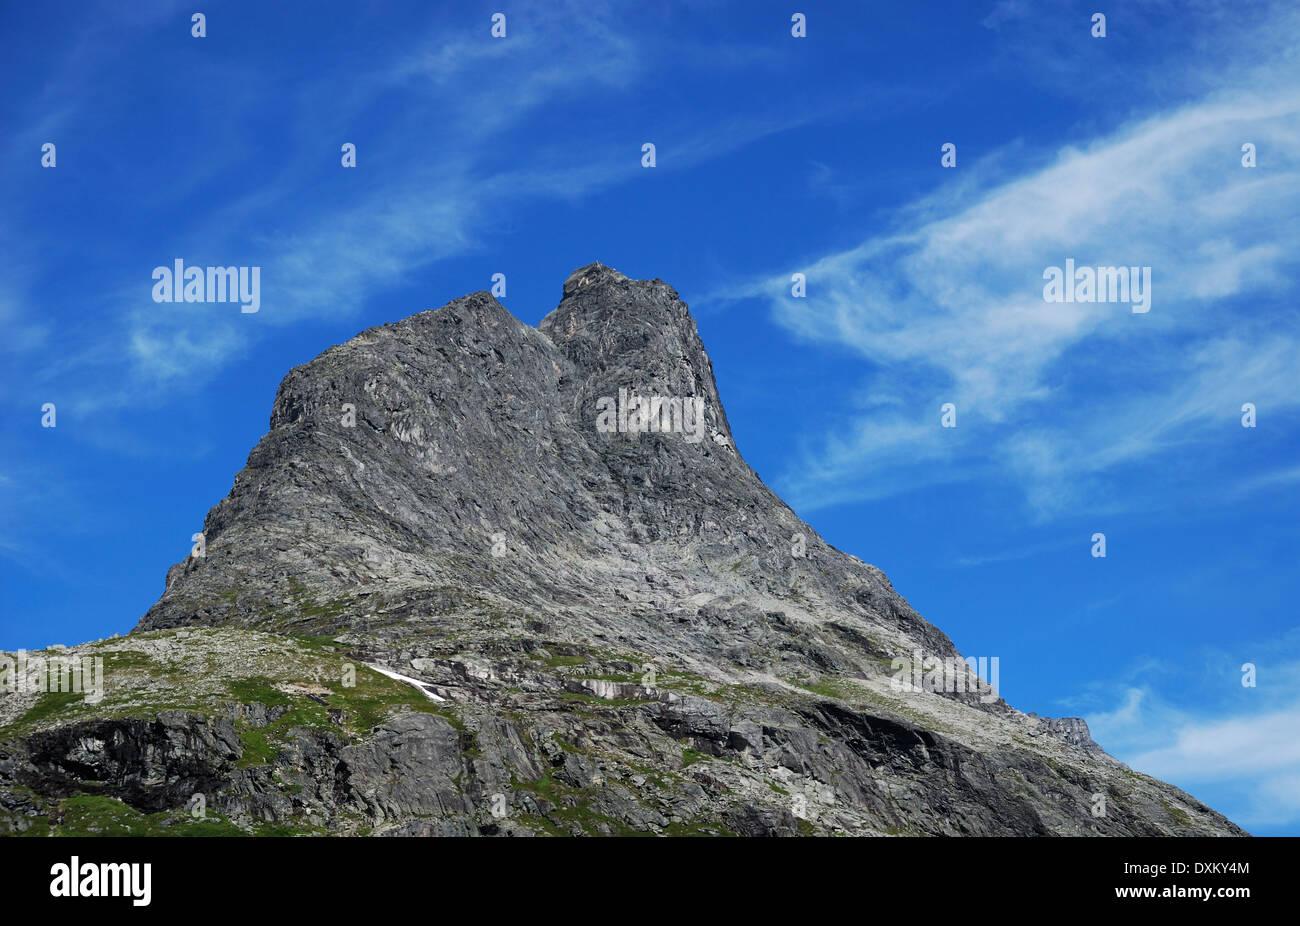 Peak of mountain. Trollstigen. - Stock Image